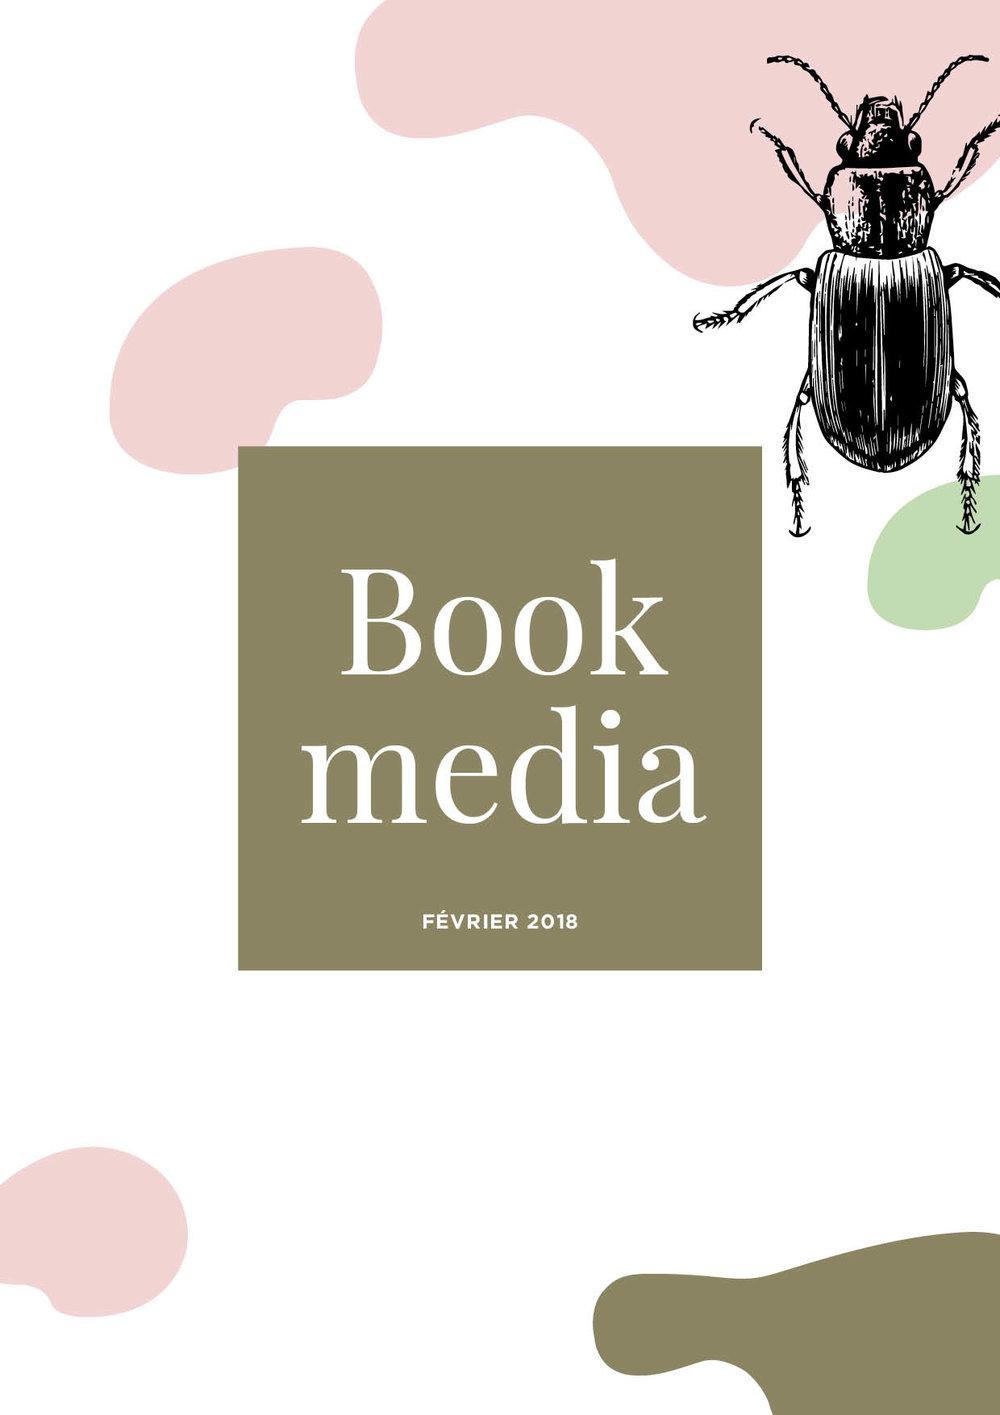 BOOKMEDIA_FEV_WEB.jpg